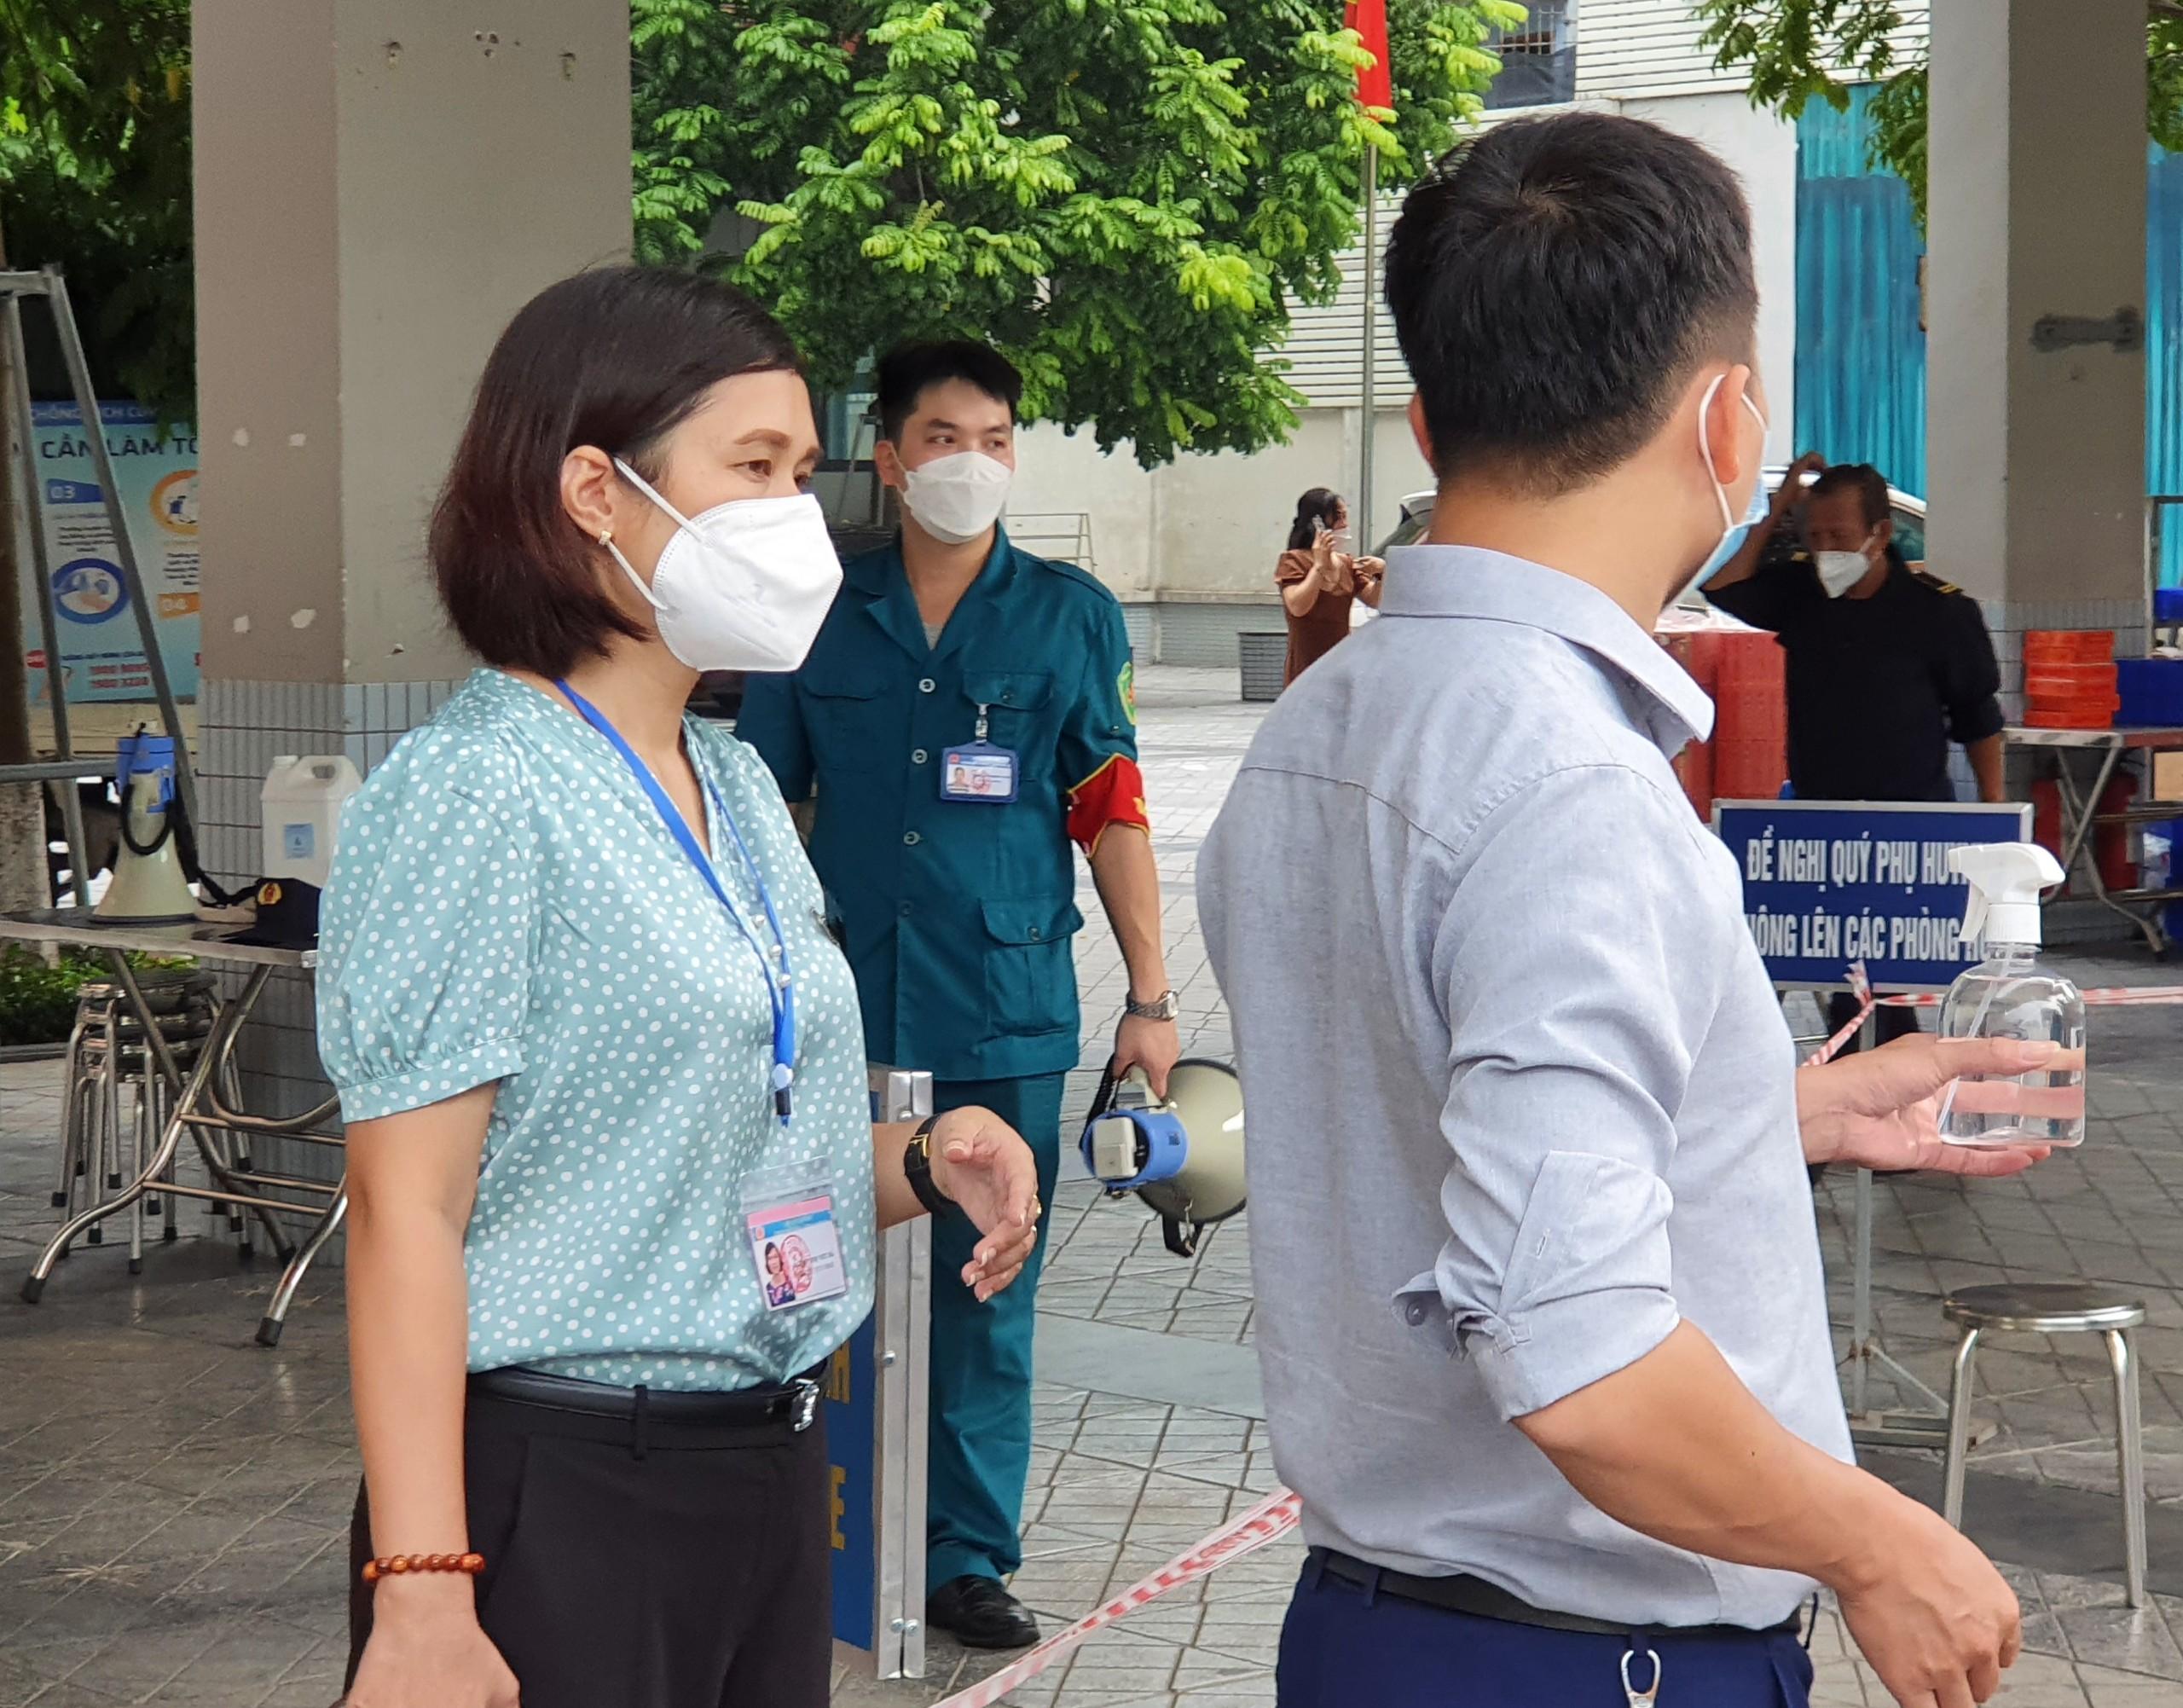 Bà Nguyễn Thị Việt Hà, Phó Chủ tịch UBND phường Thụy Khuê cũng đã có mặt từ sớm để giám sát việc thực hiện mua bán tại đây.